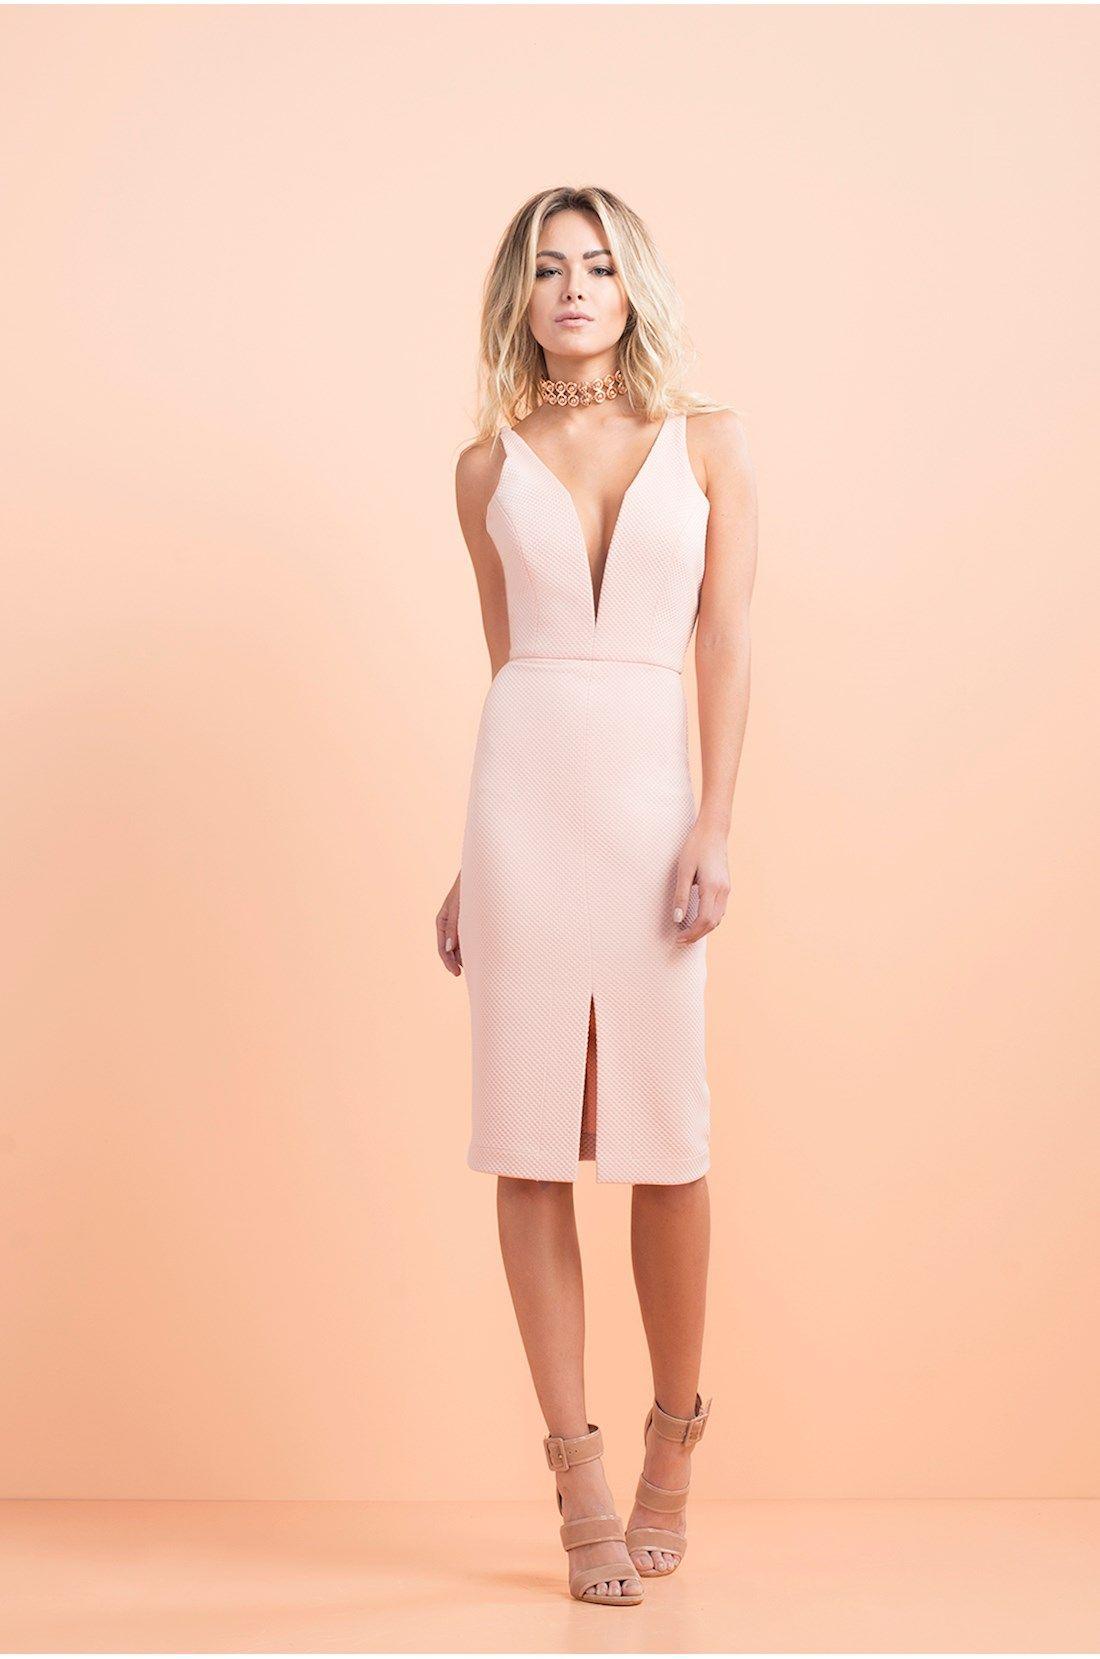 0e214505a Vestido midi tecido plano com textura rosa e decote V. Possui arames de  sustentação no decote para firmeza, alças de trança do mesmo tecido e forro  no bojo.